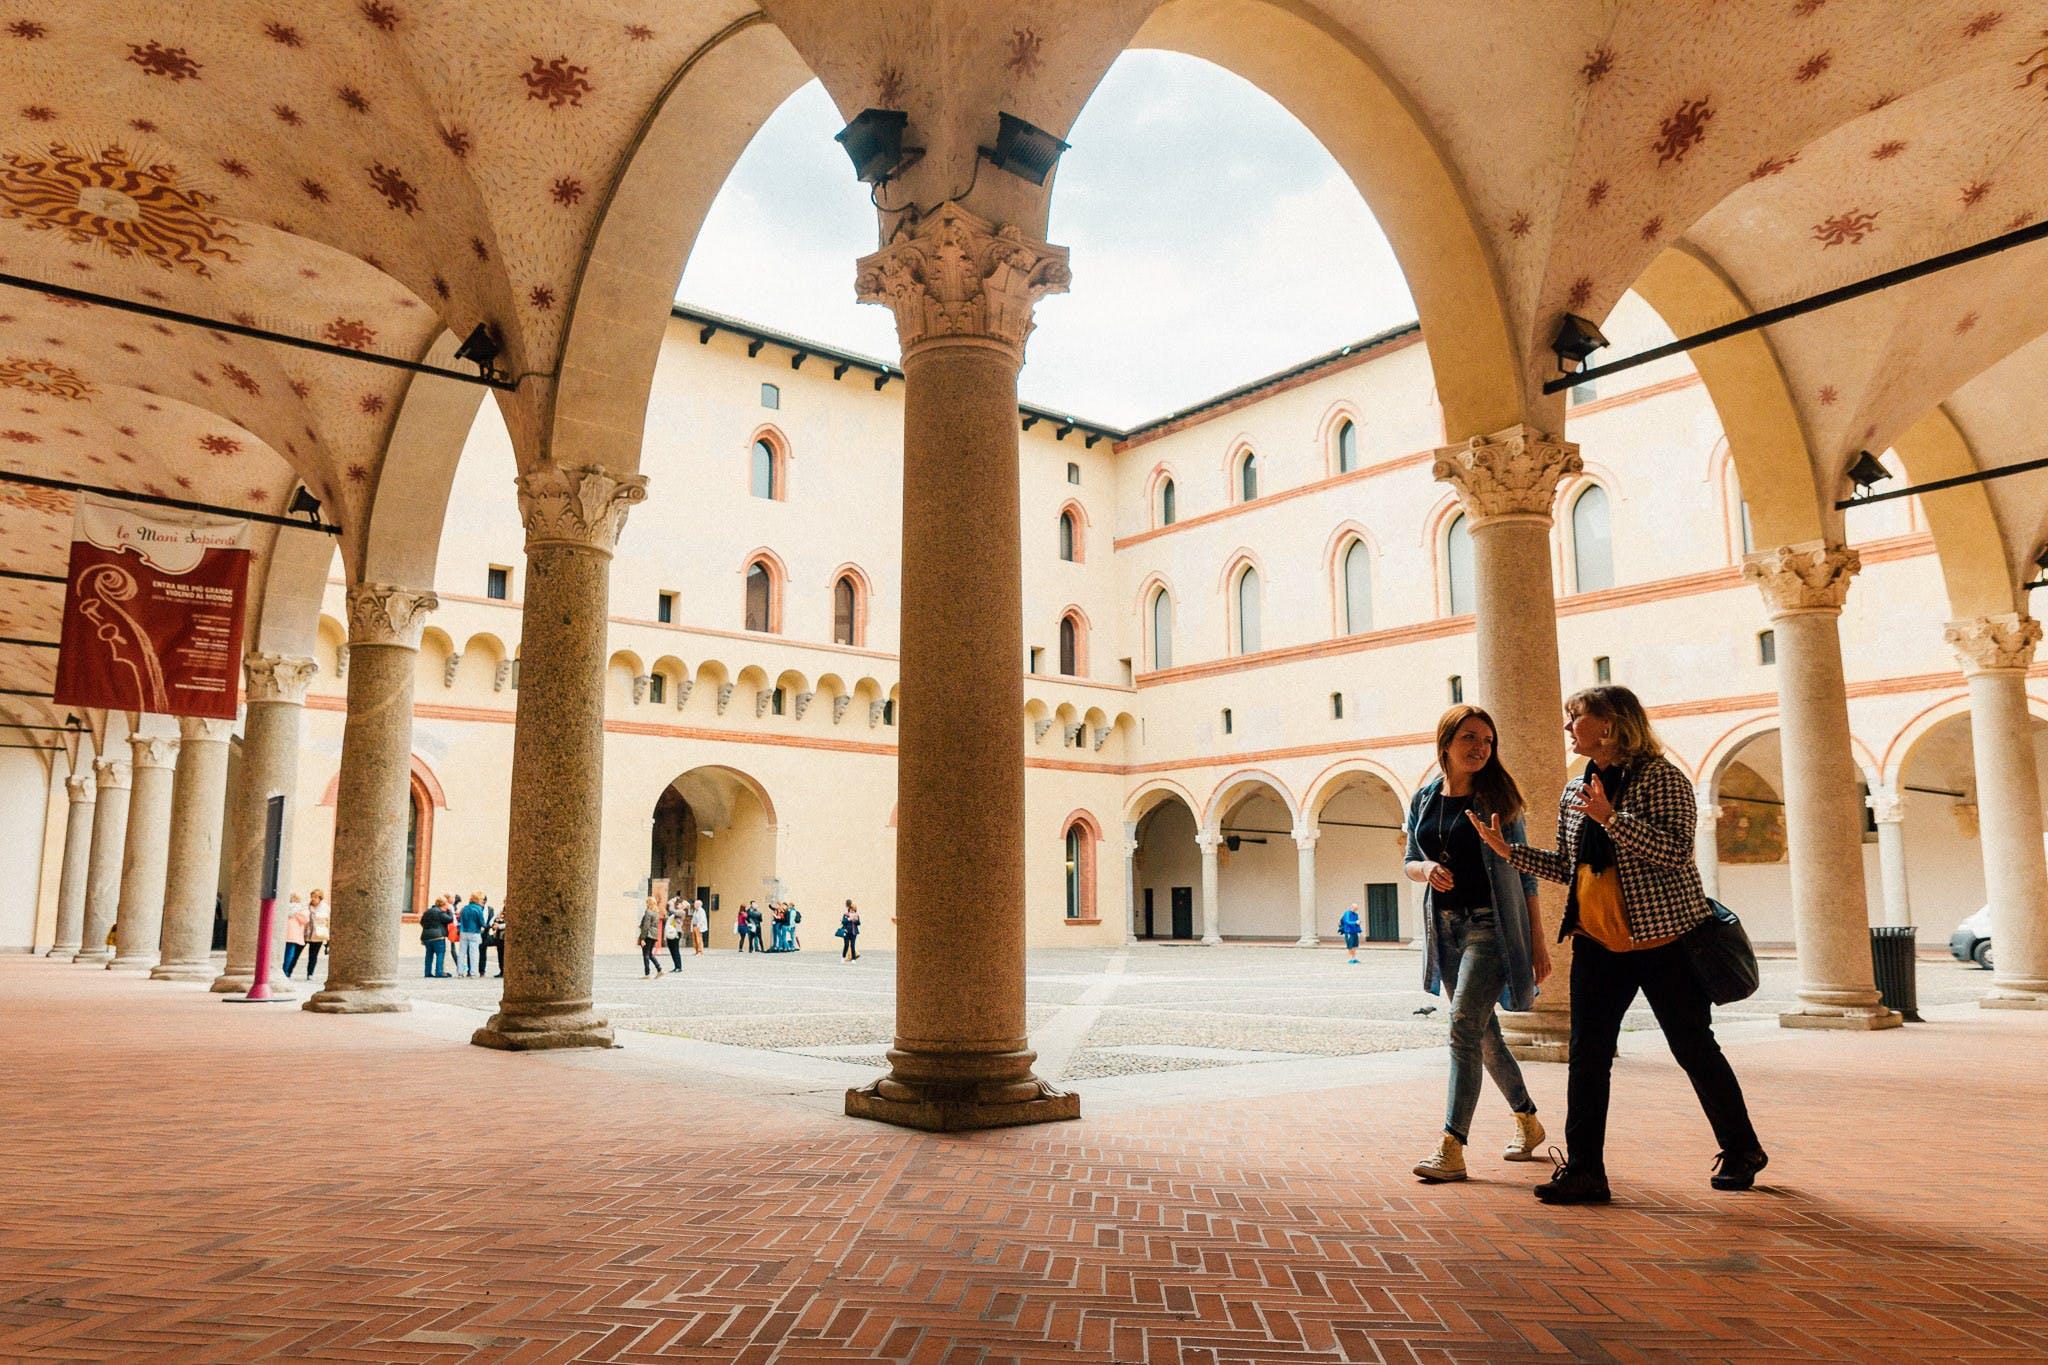 Lo mejor de Milán viaje: reflejos y gemas escondidas-6